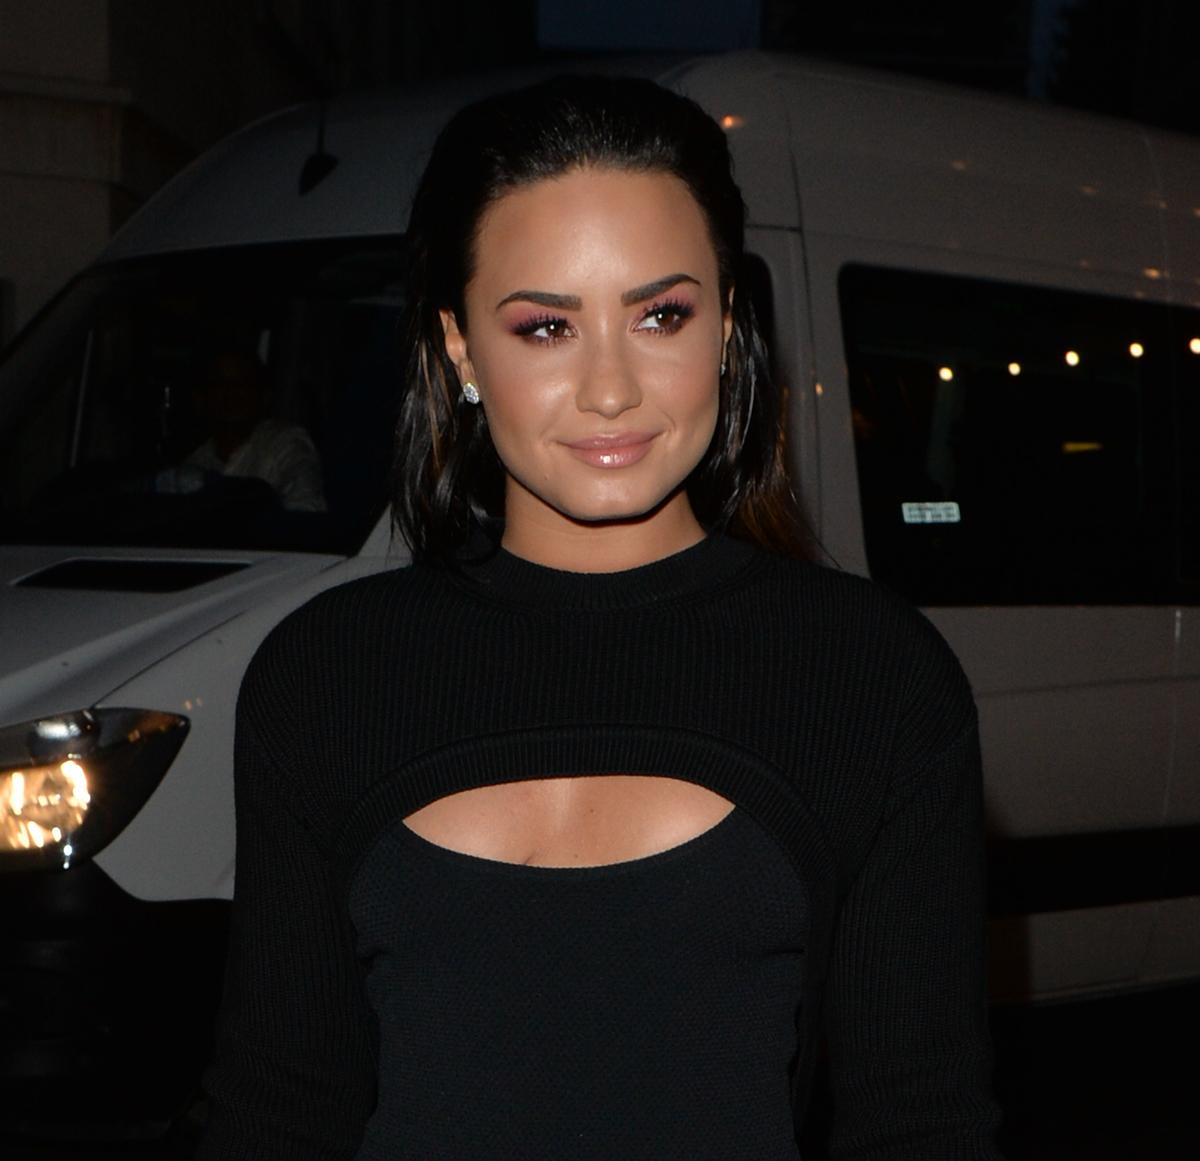 Demi Lovato has a square face